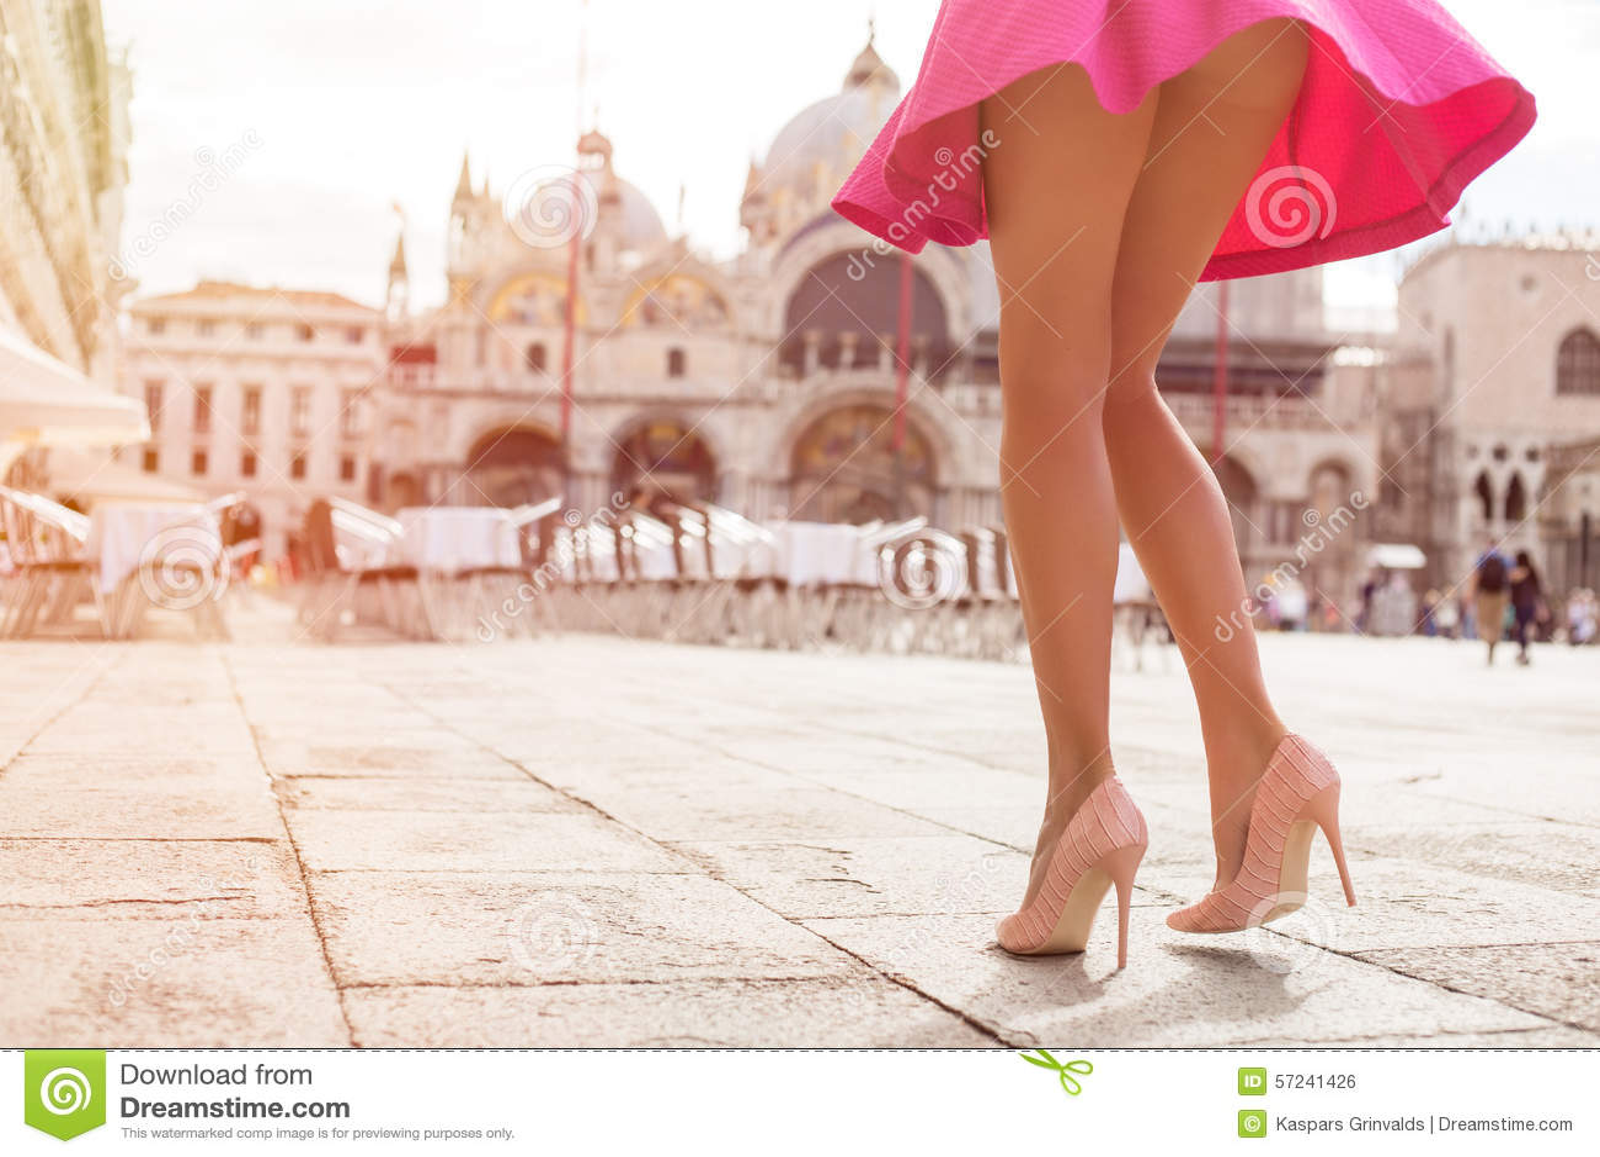 Chaussures de perversion talon photo